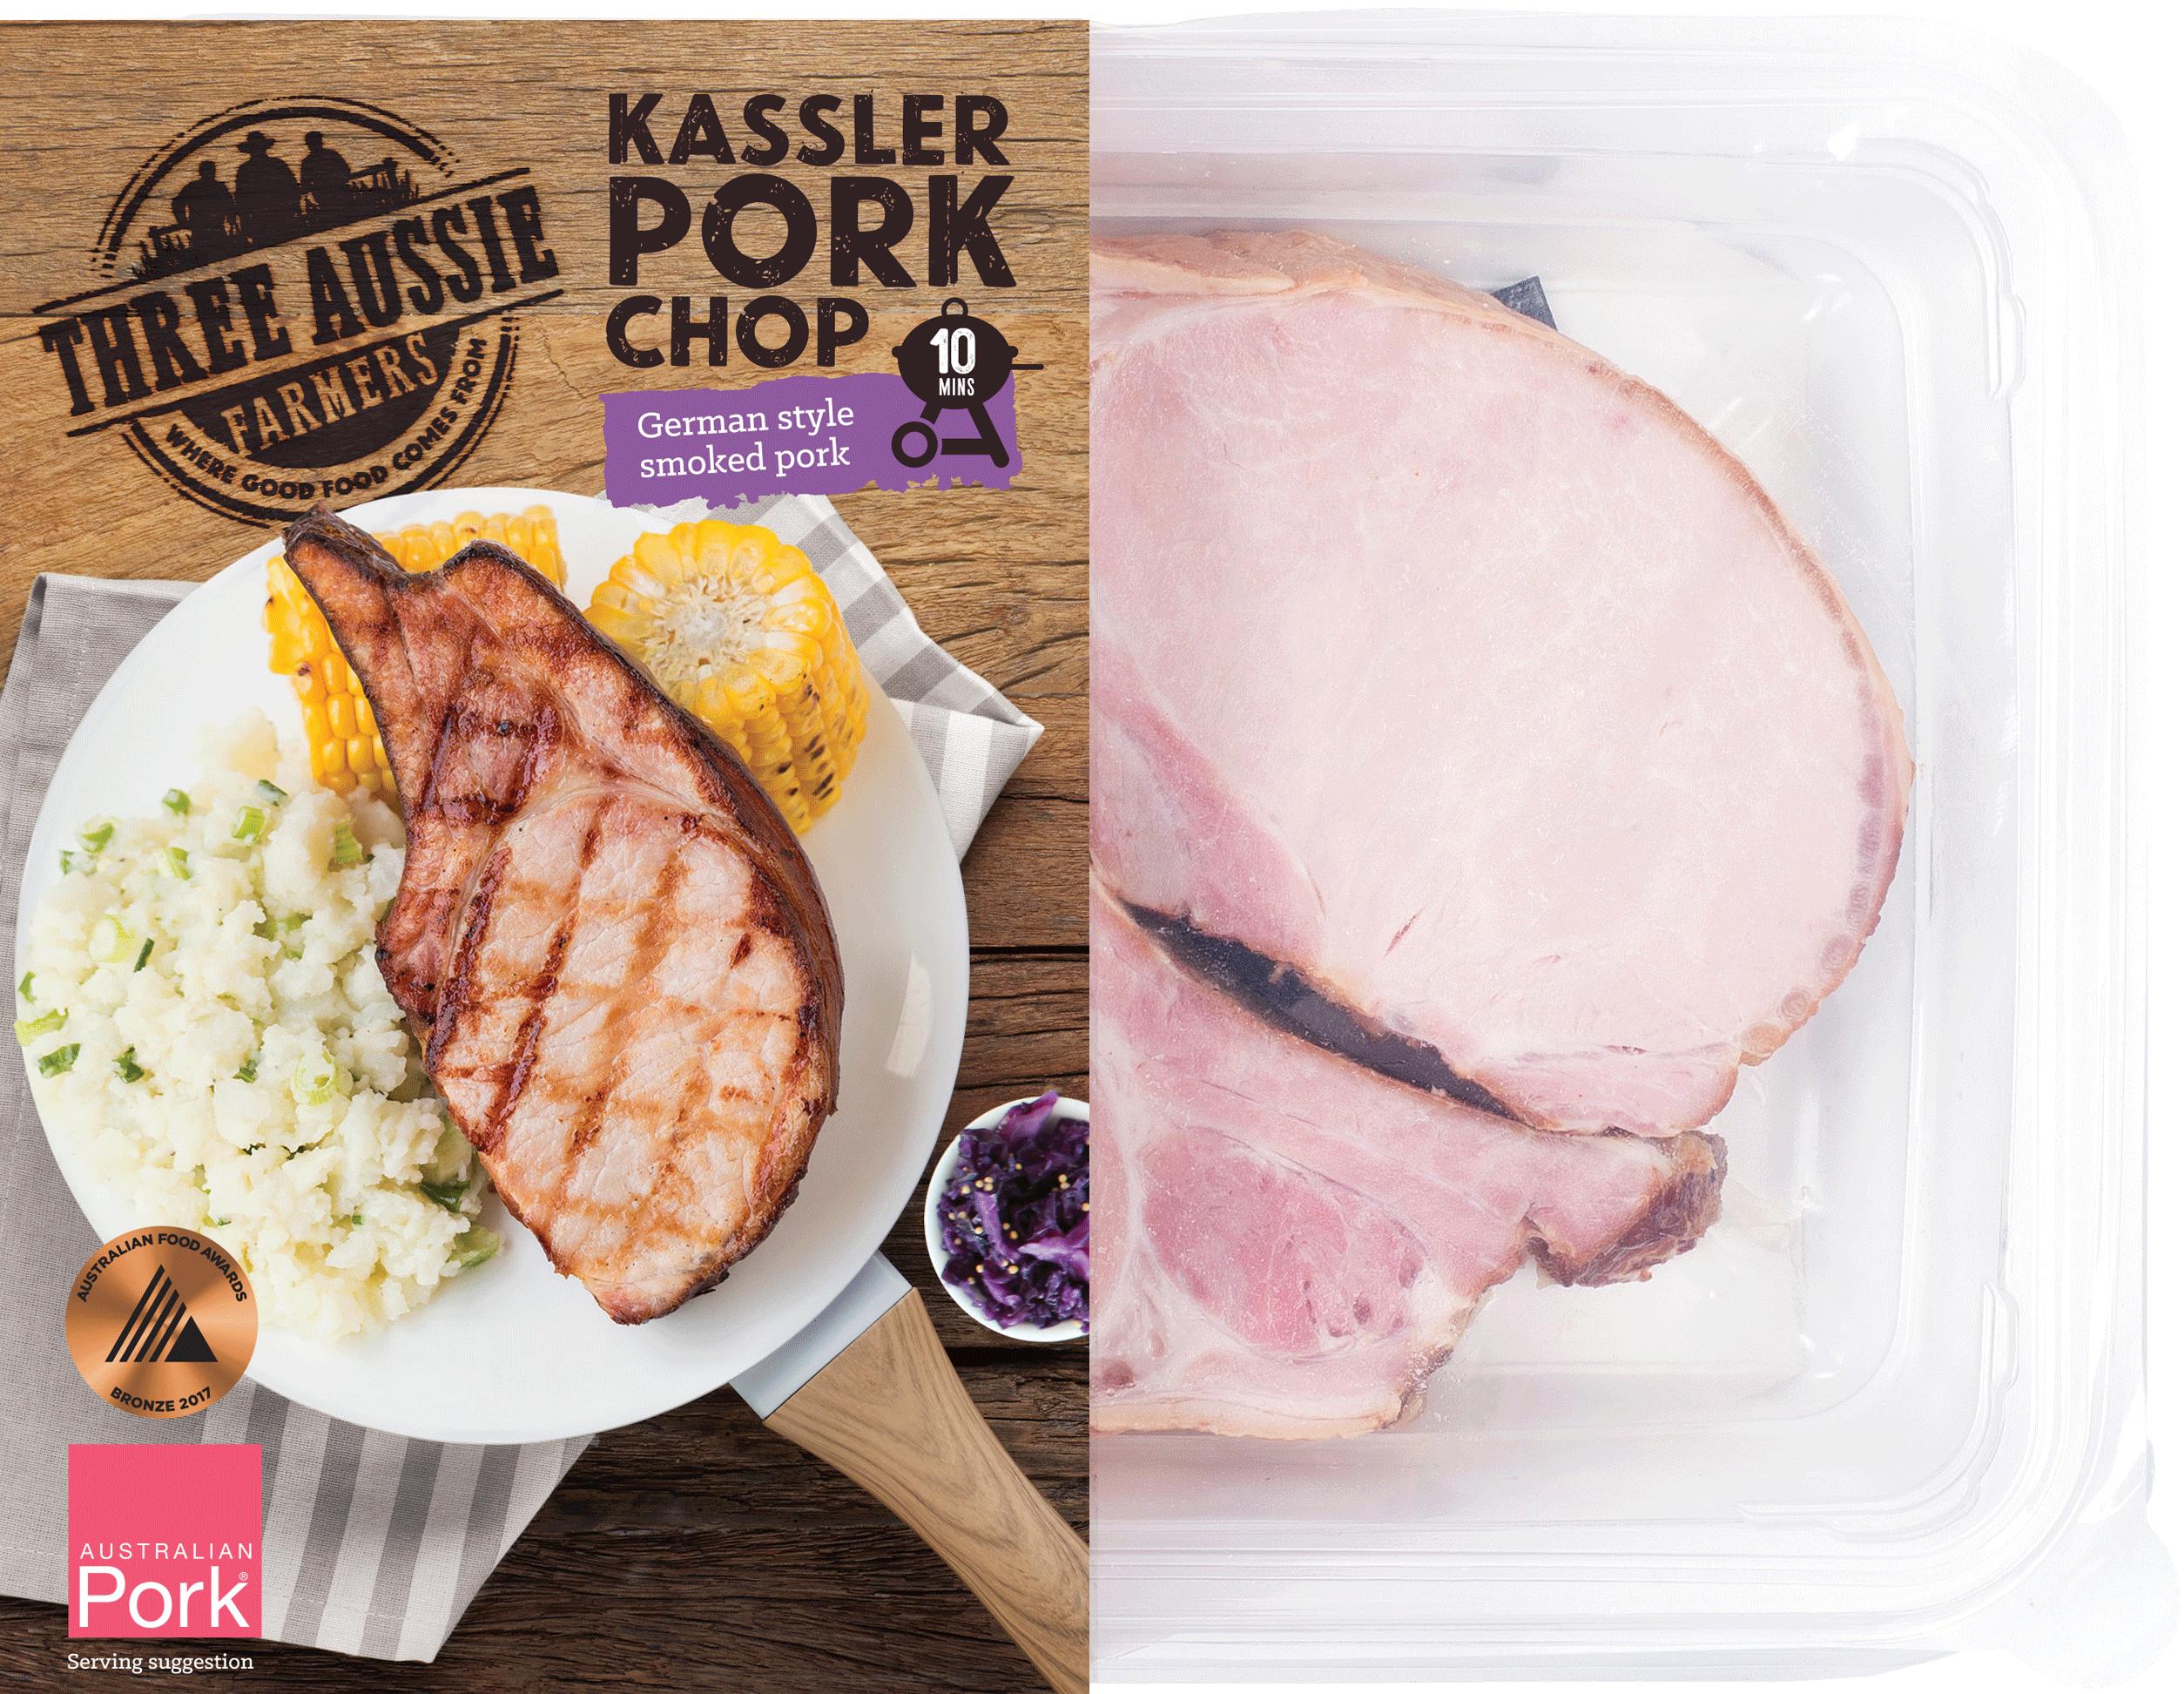 Three Aussie Farmers Kassler Pork Chop